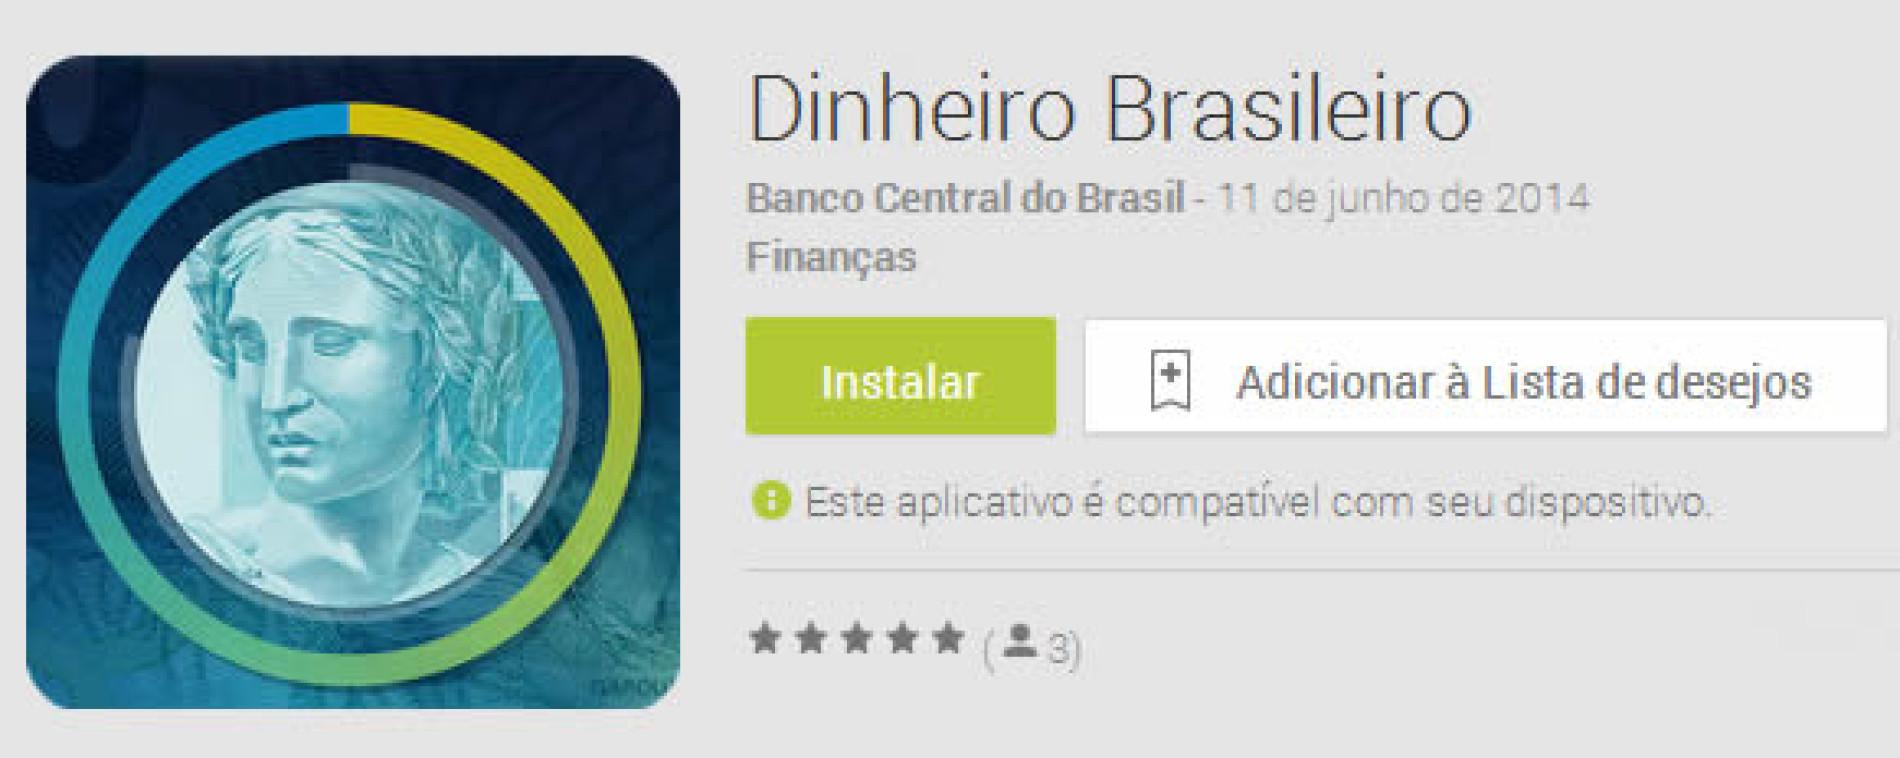 App Dinheiro Brasileiro do Banco Central